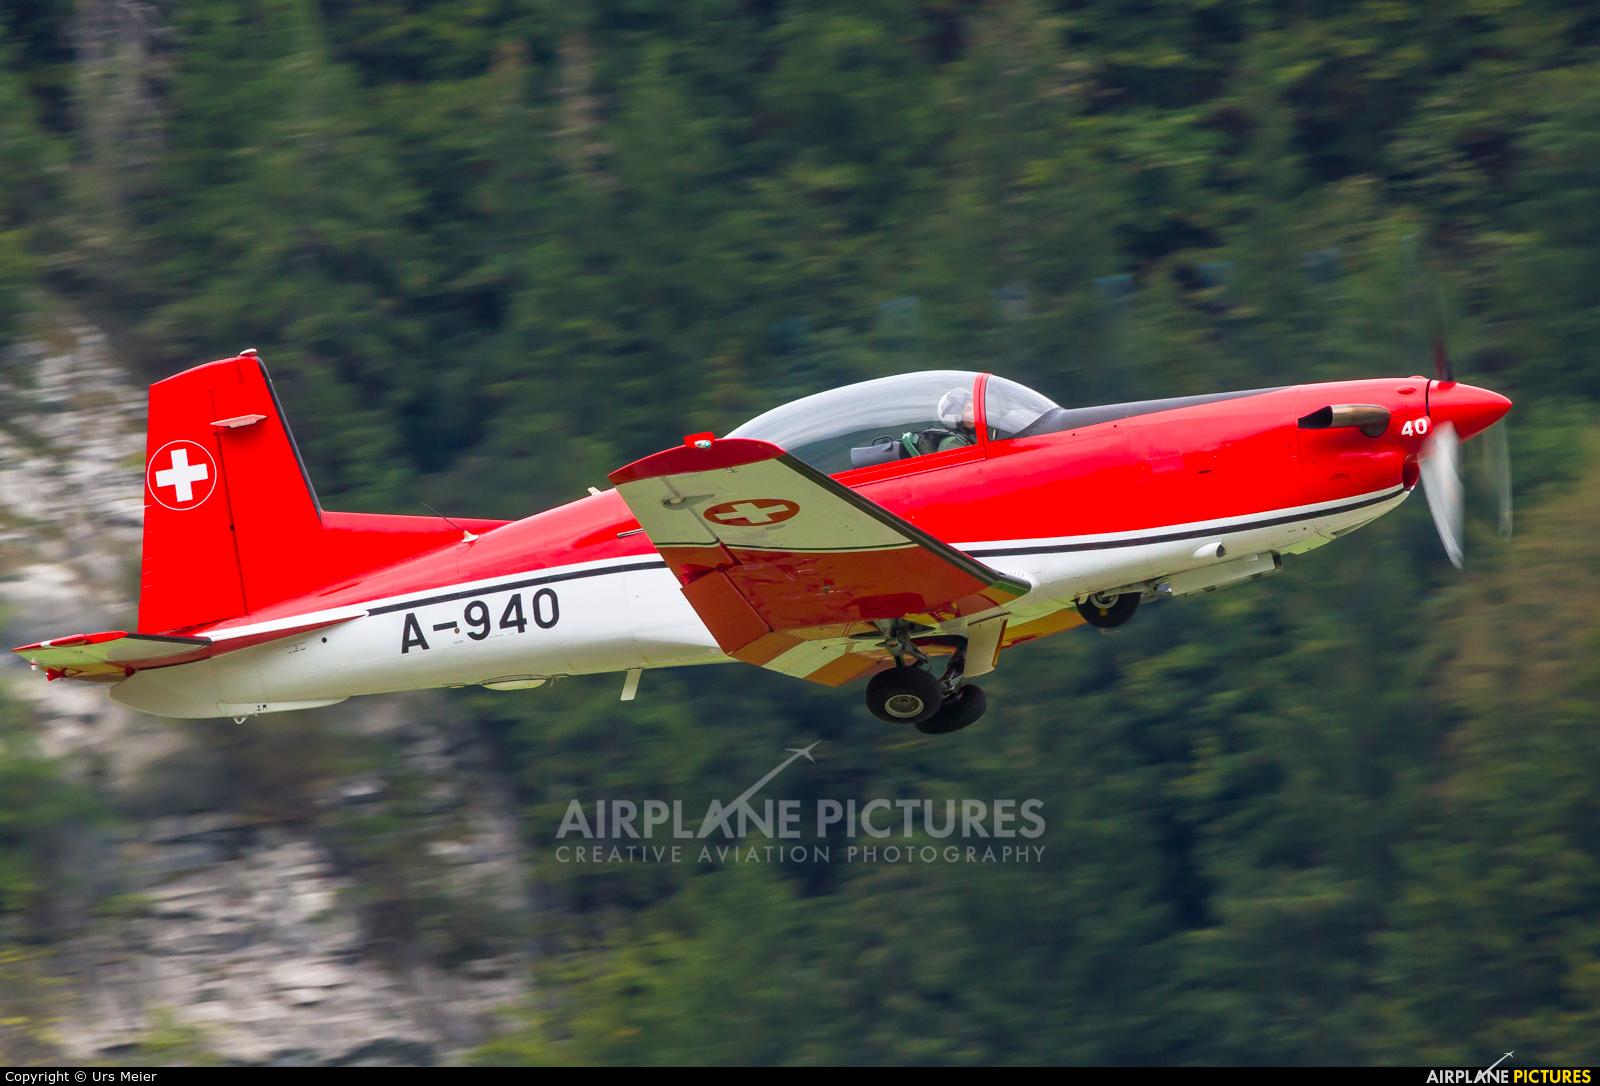 Switzerland - Air Force: PC-7 Team A-940 aircraft at Meiringen